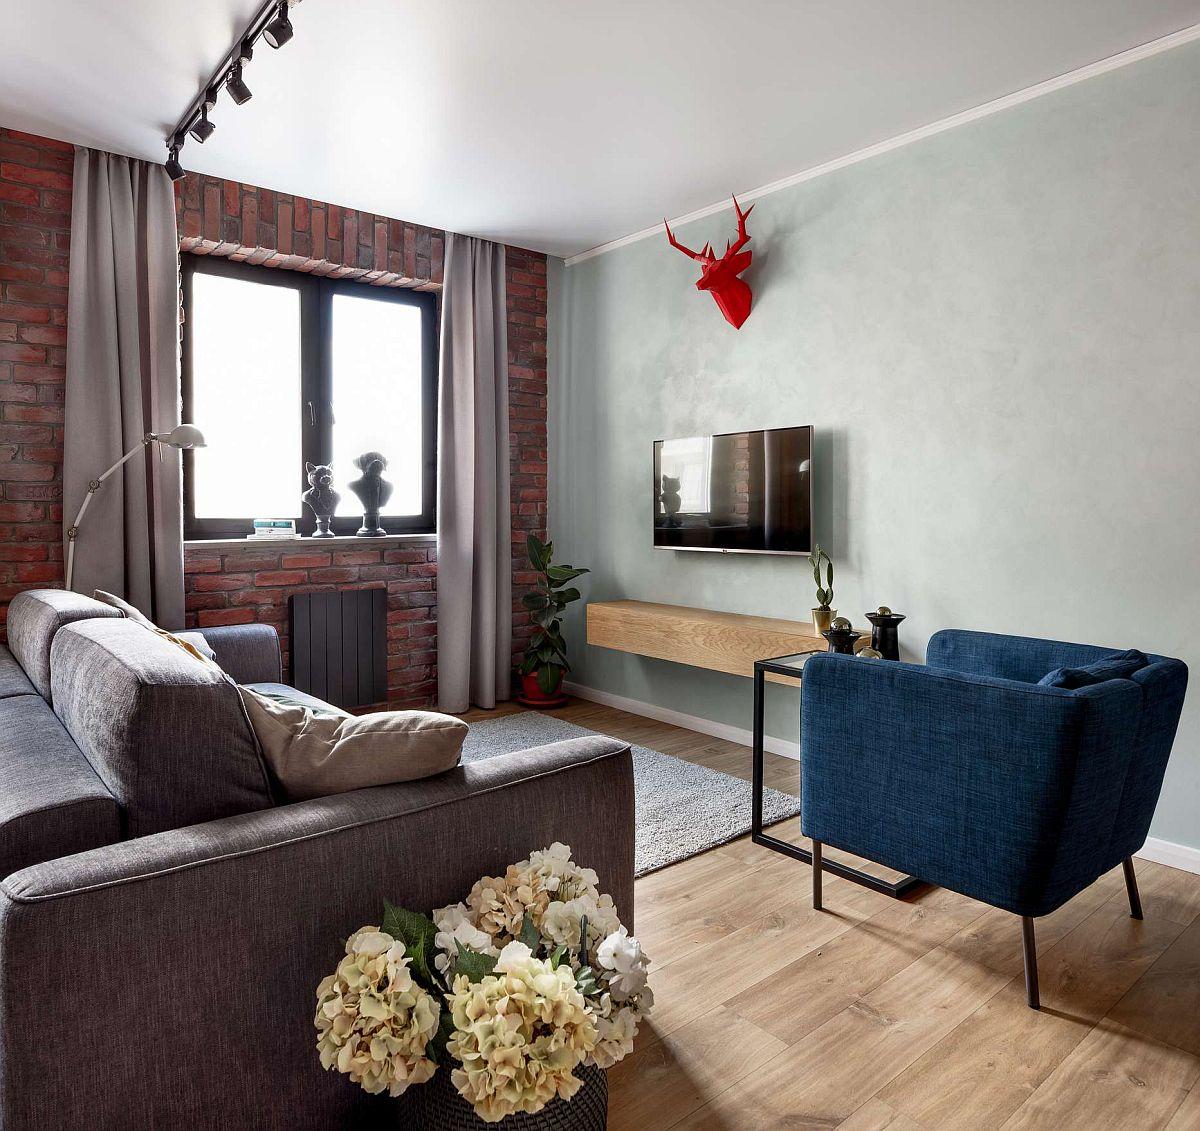 adelaparvu.com despre apartament 91 mp pentru o familie cu 4 copii, designer Aigul Sultanova, Foto Roman Spiridonov (2)